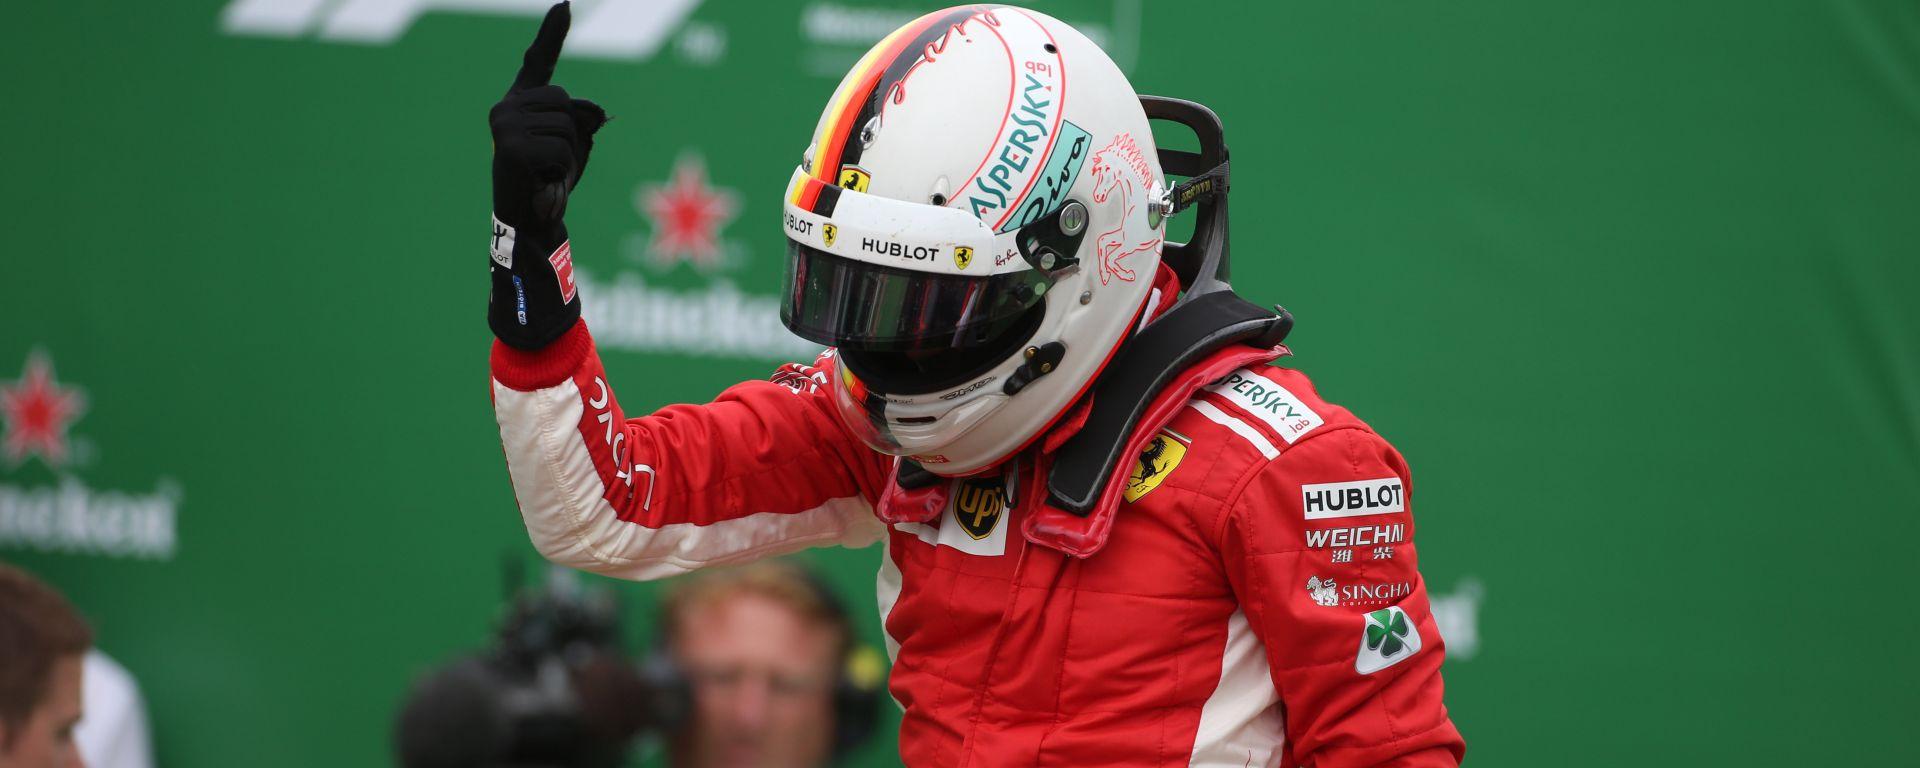 Gp Canada, Ferrari: il sogno è bissare il successo del 2018